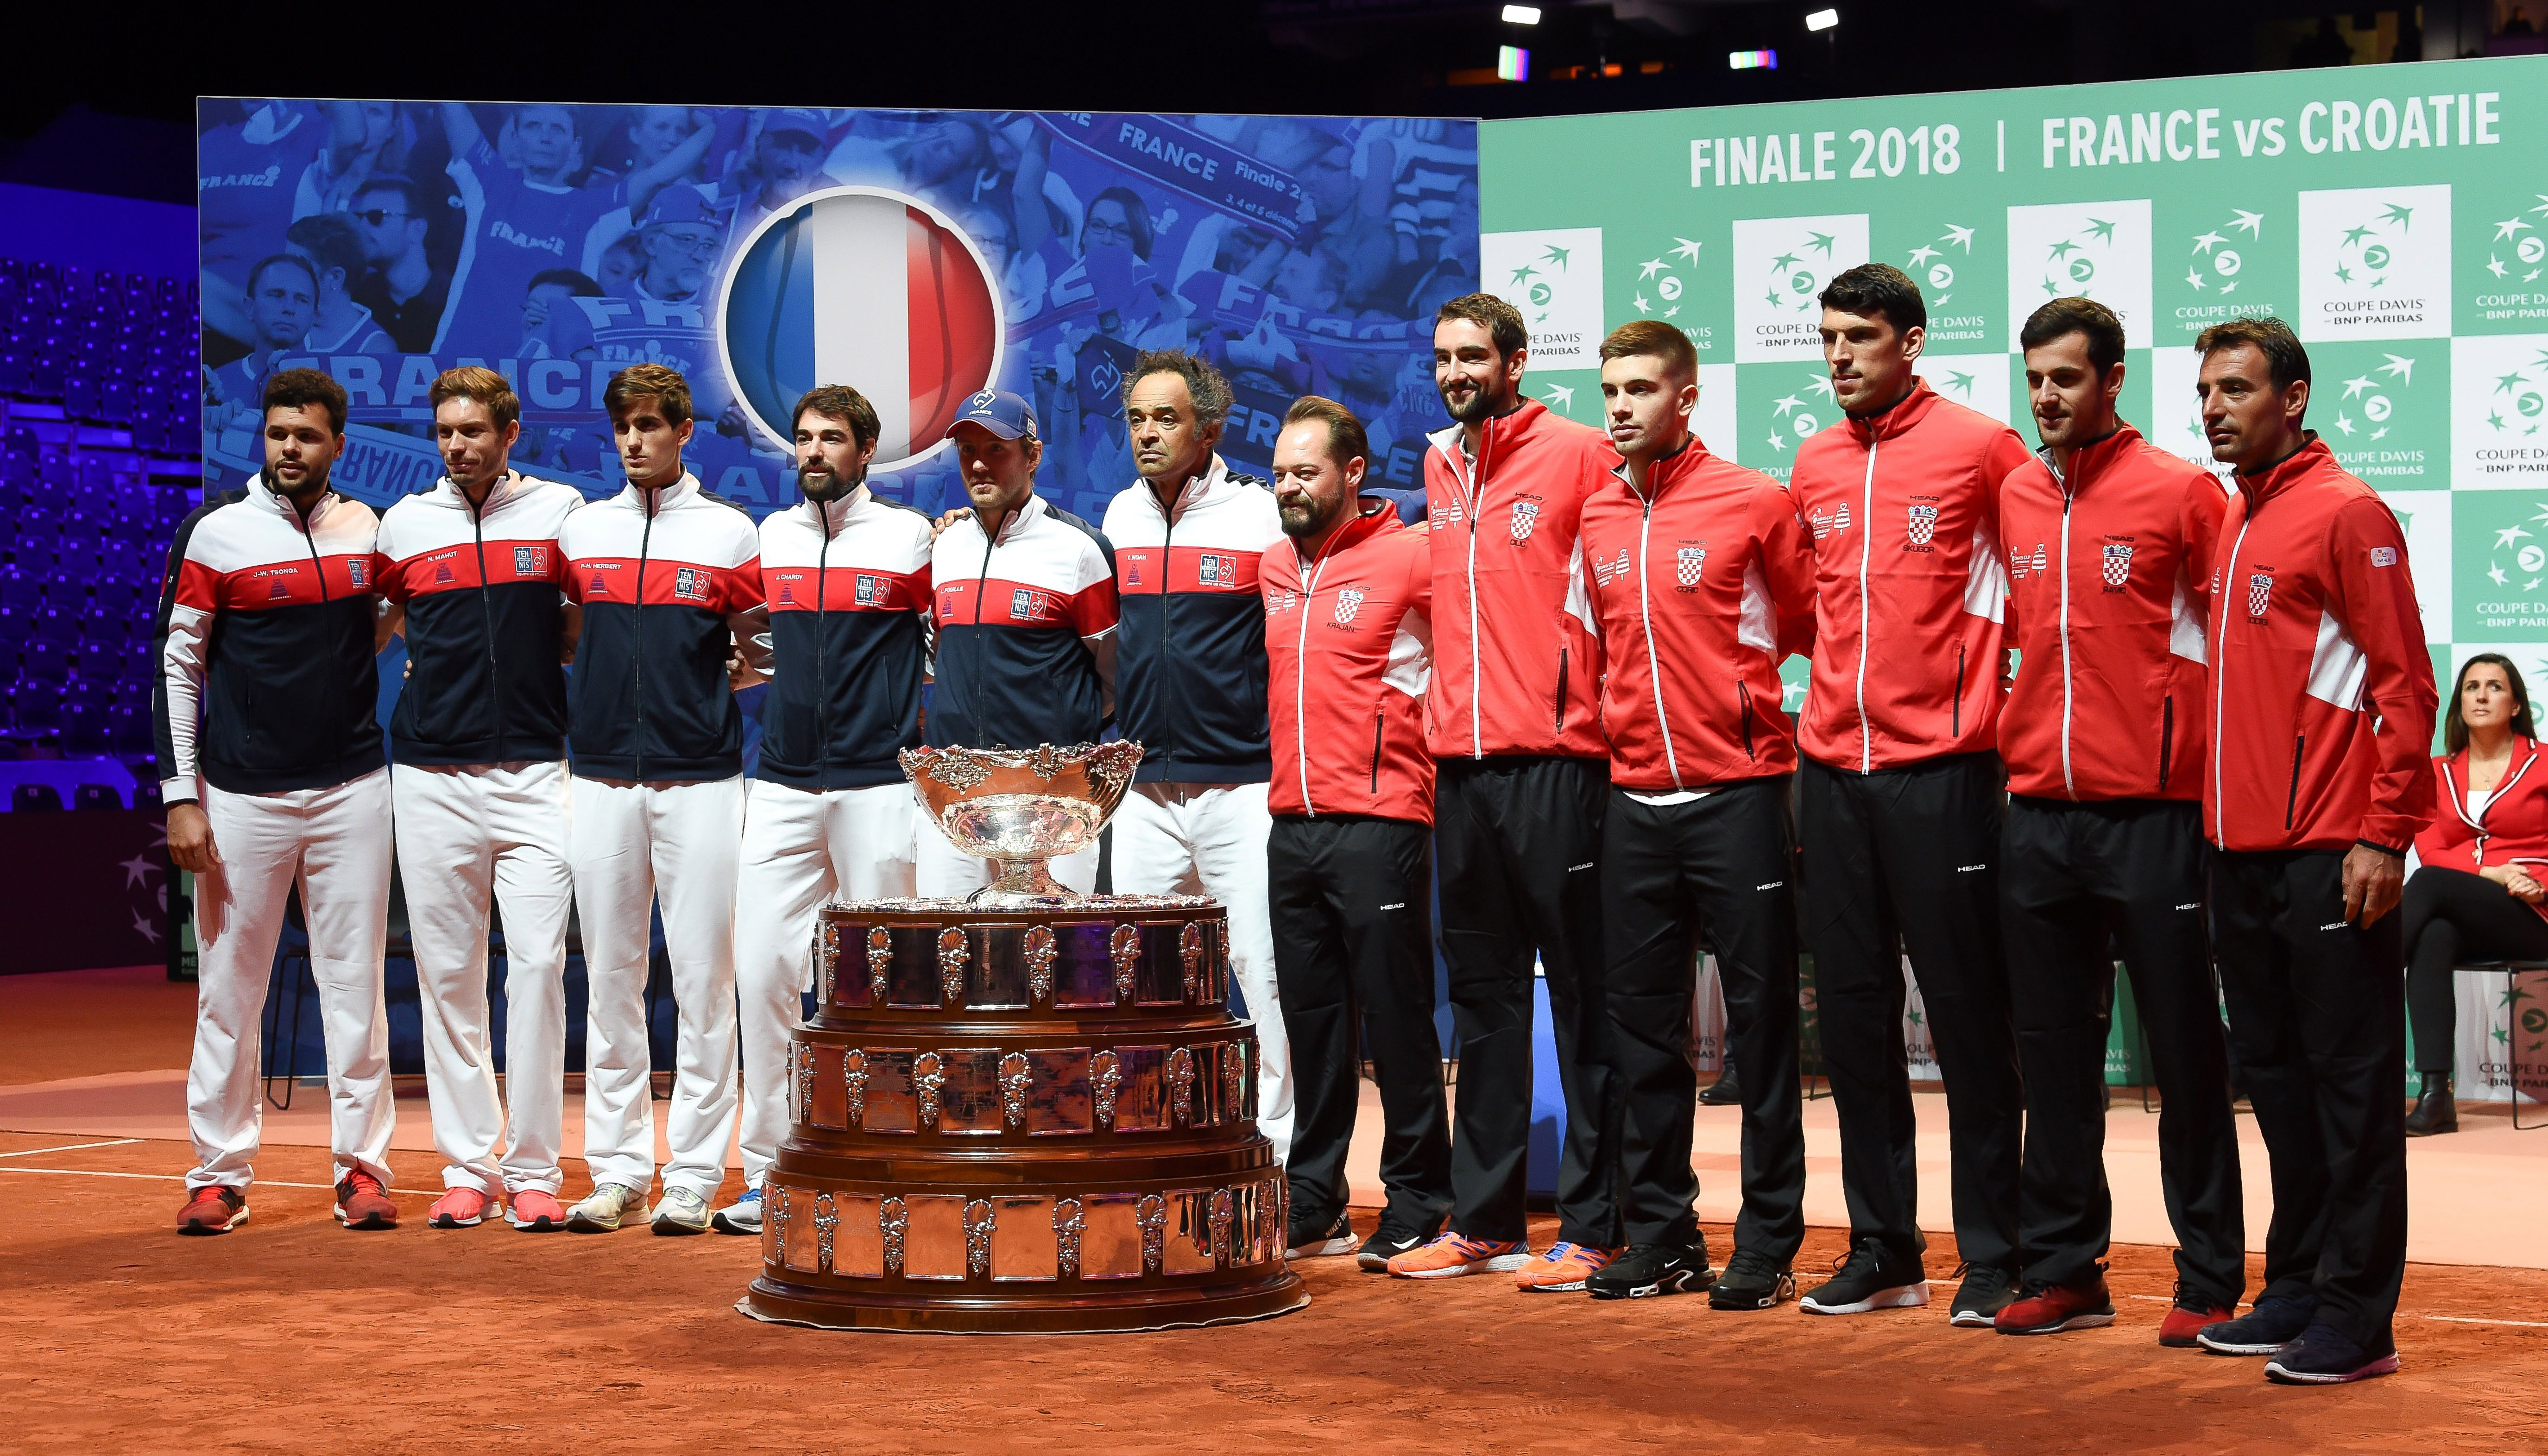 Davis Cup-Finale: Kroatien in Frankreich im Vorteil